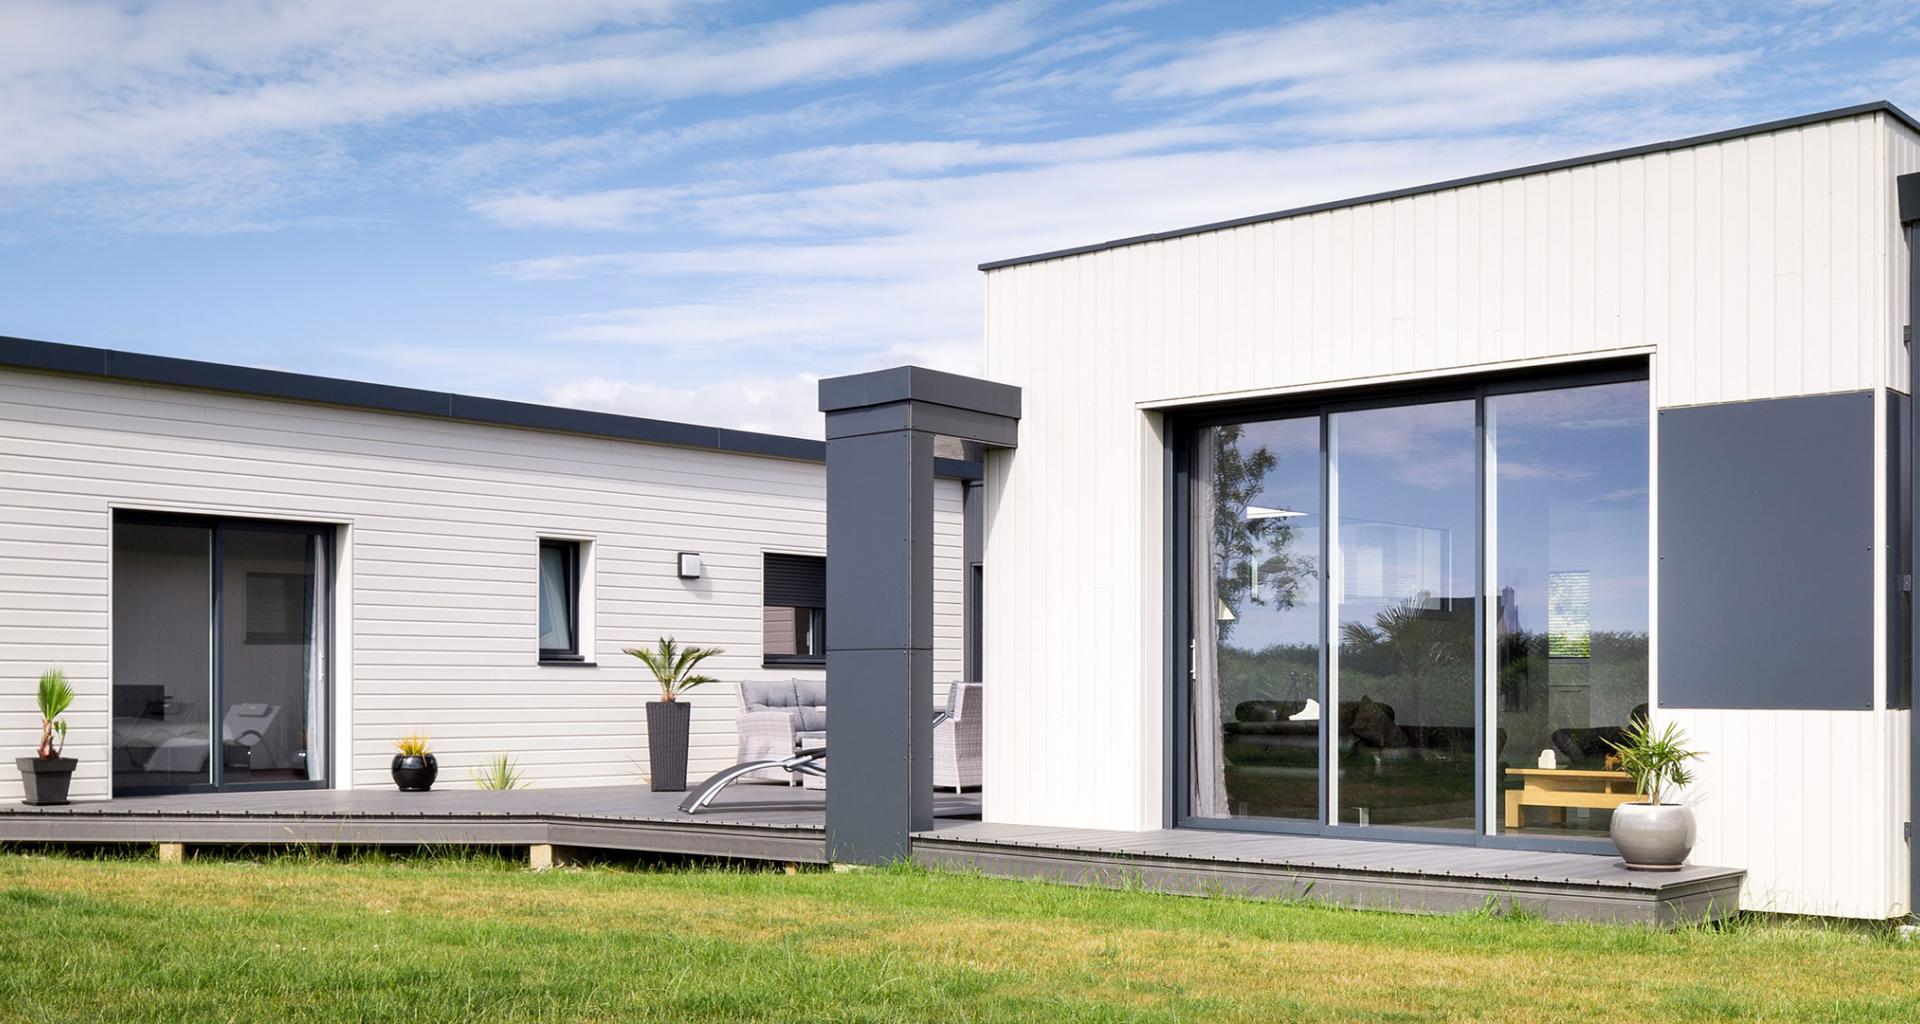 Maison contemporaine avec du bardage bois | Silverwood